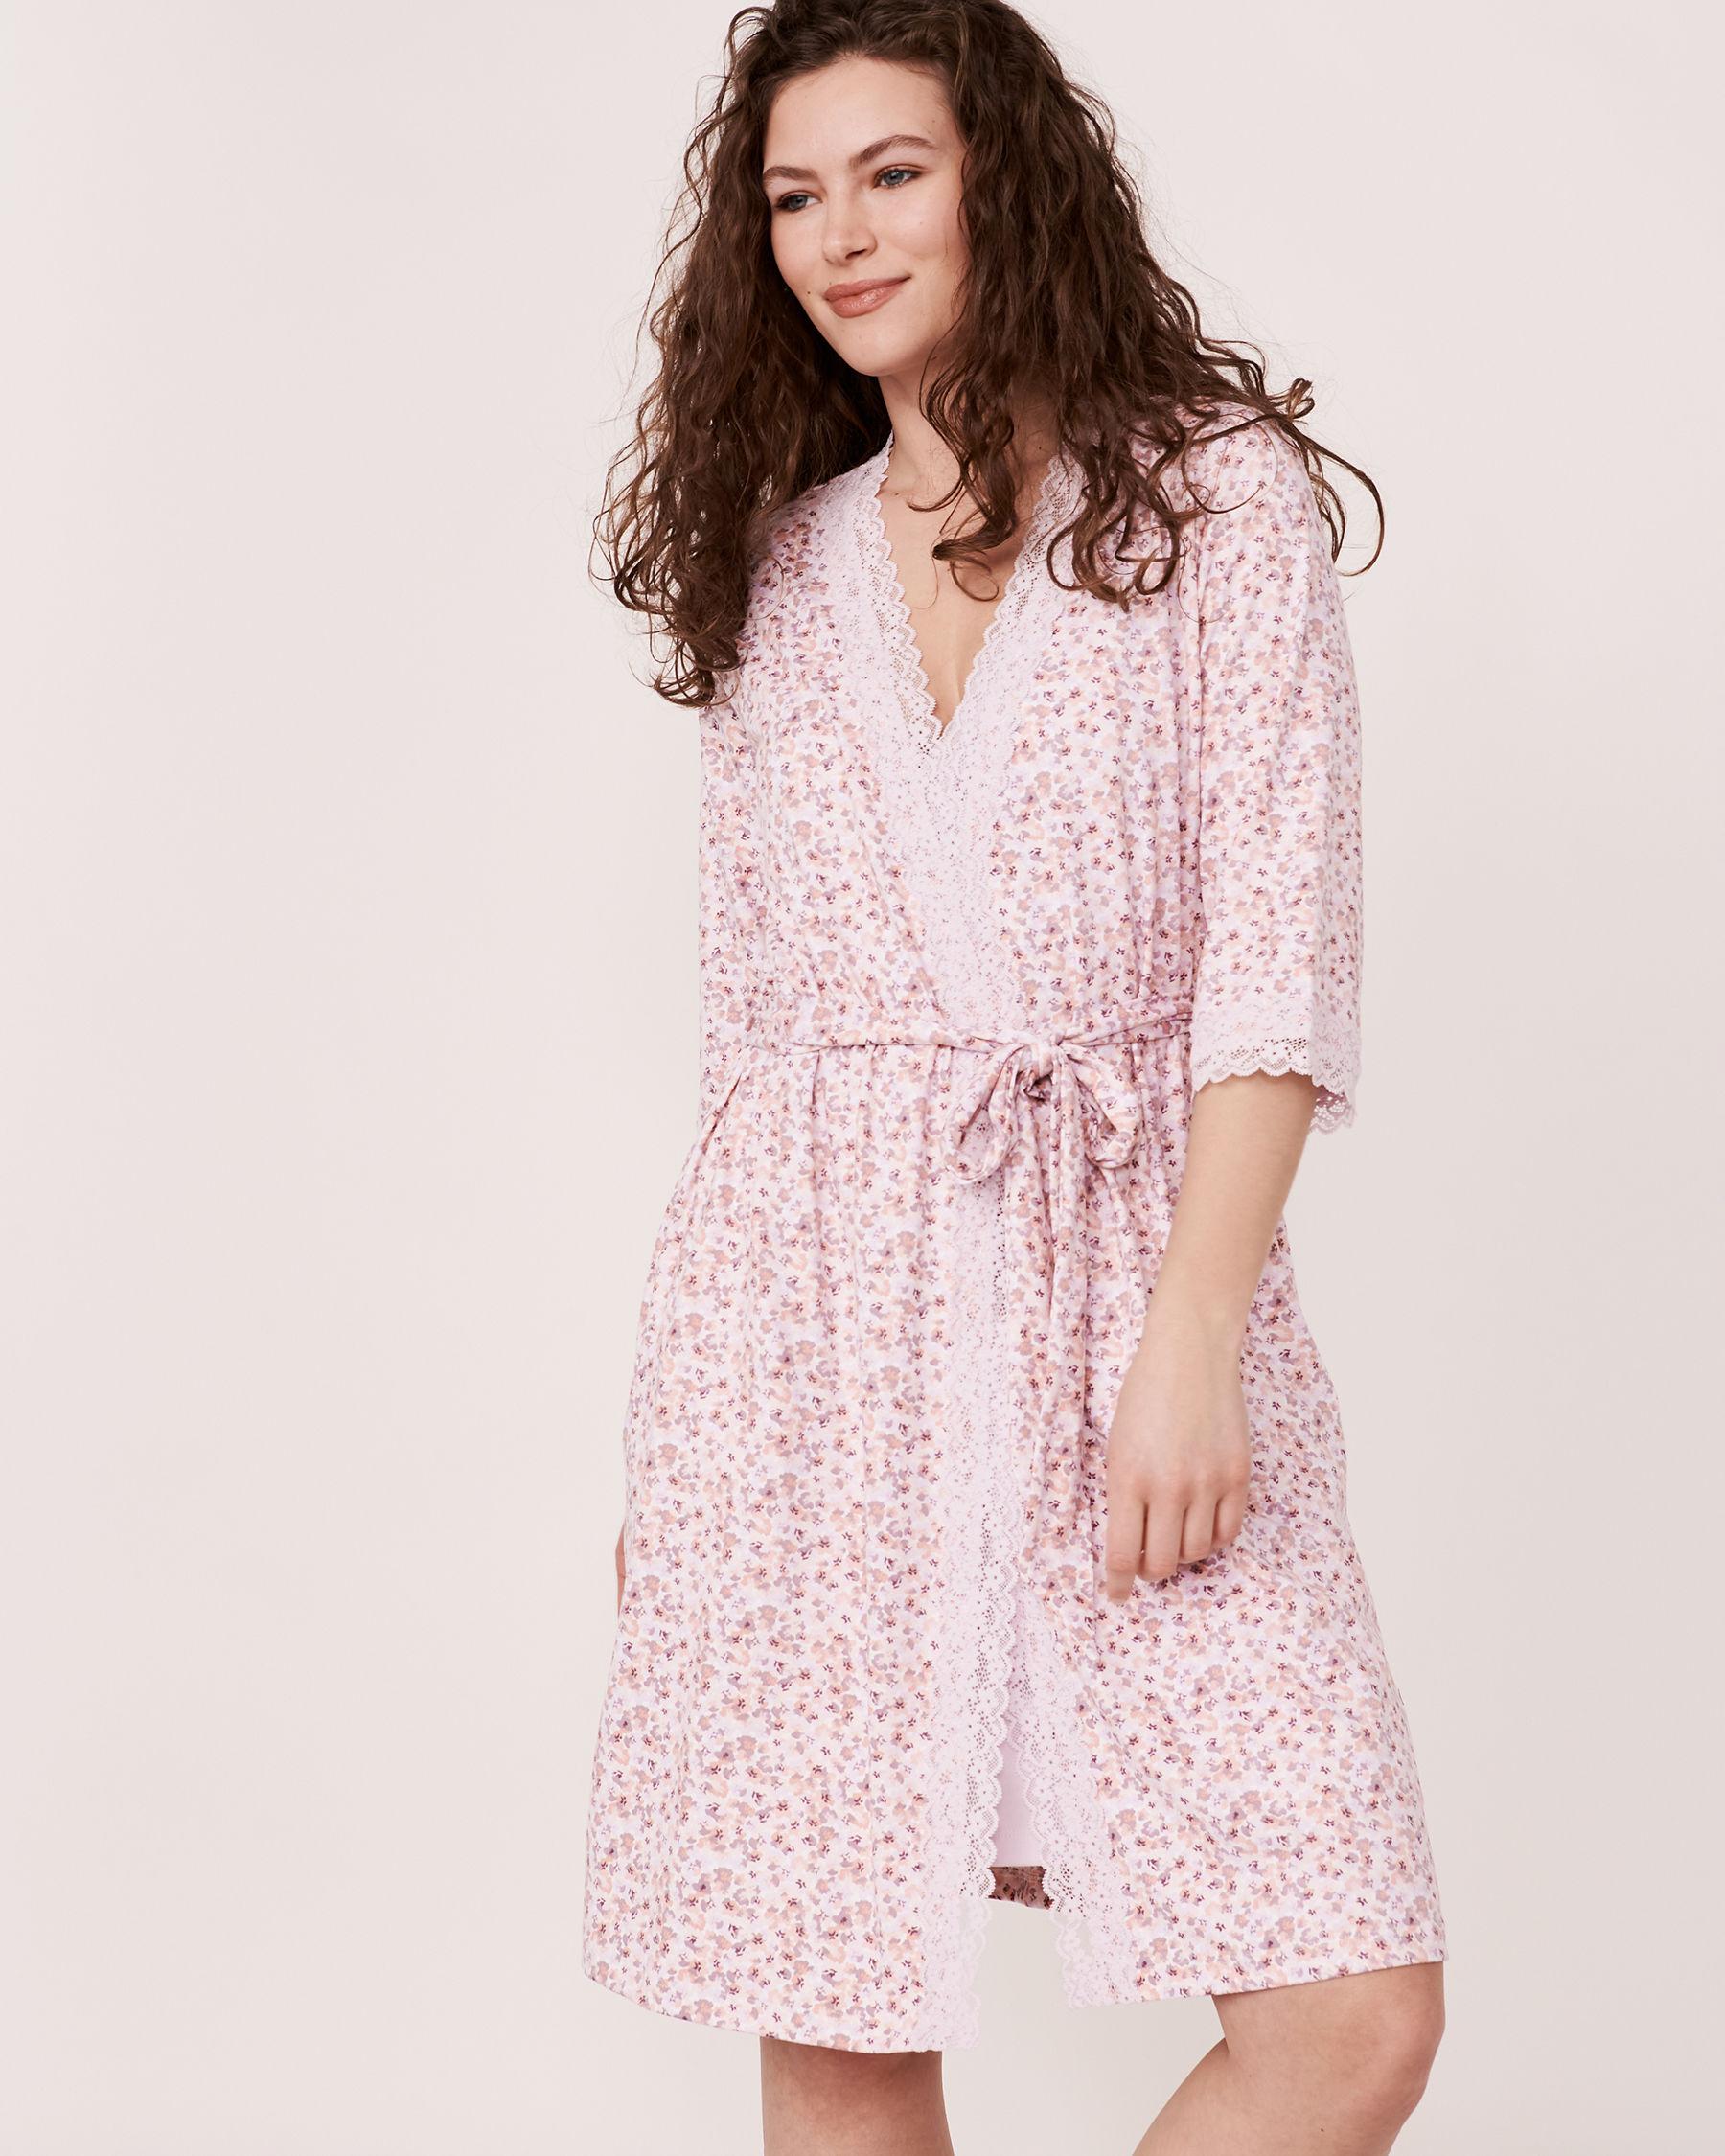 LA VIE EN ROSE Lace Trim Kimono Ditsy floral 40600012 - View3